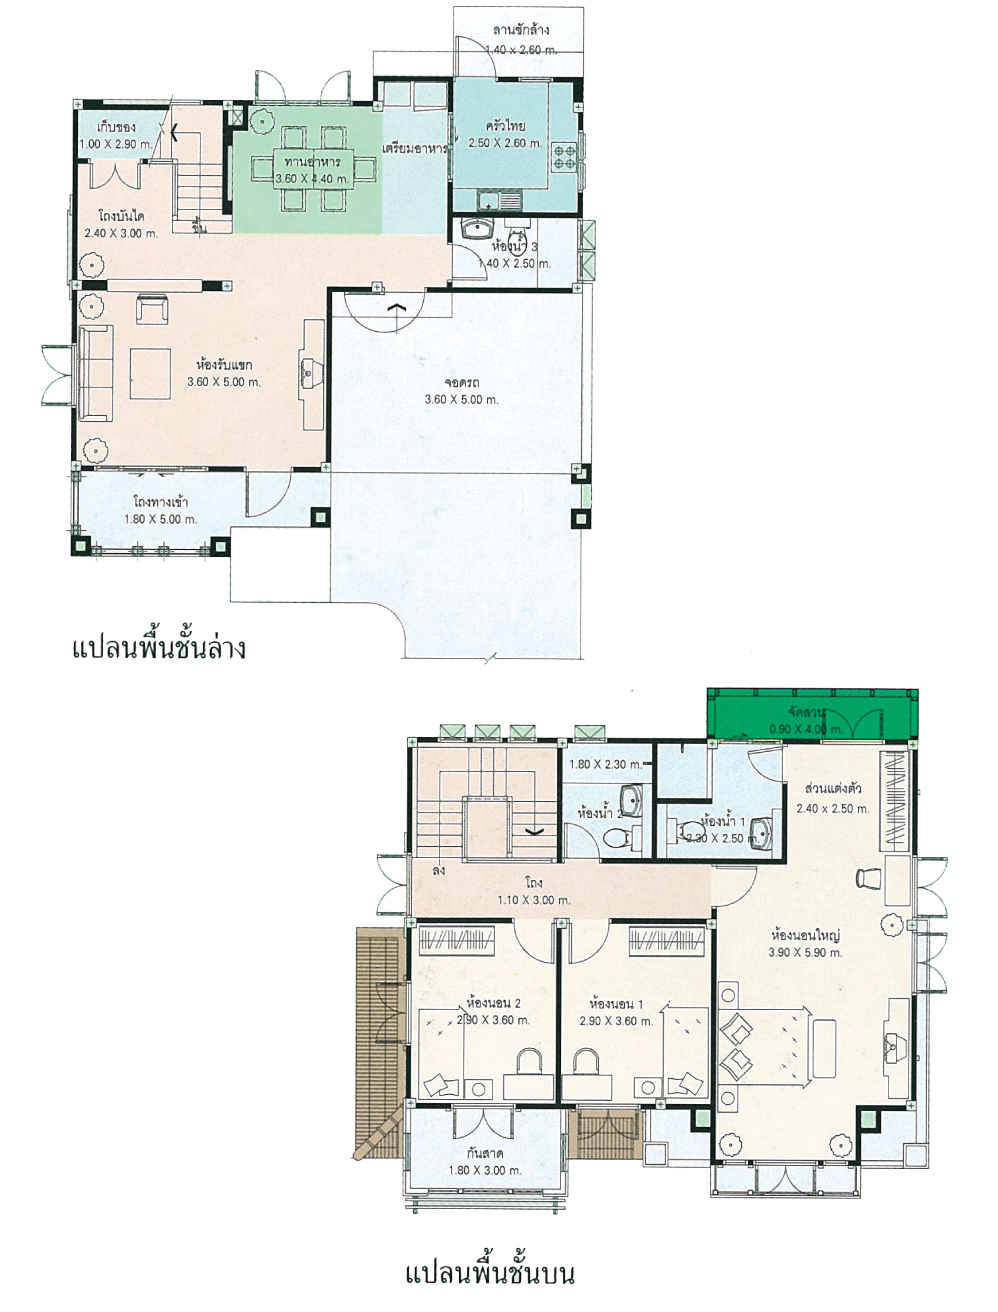 แบบบ้านสองชั้น 3 ห้องนอน 3 ห้องน้ำ 170 ตร.ม ราคา 1.70ล้าน (พลูทอง)